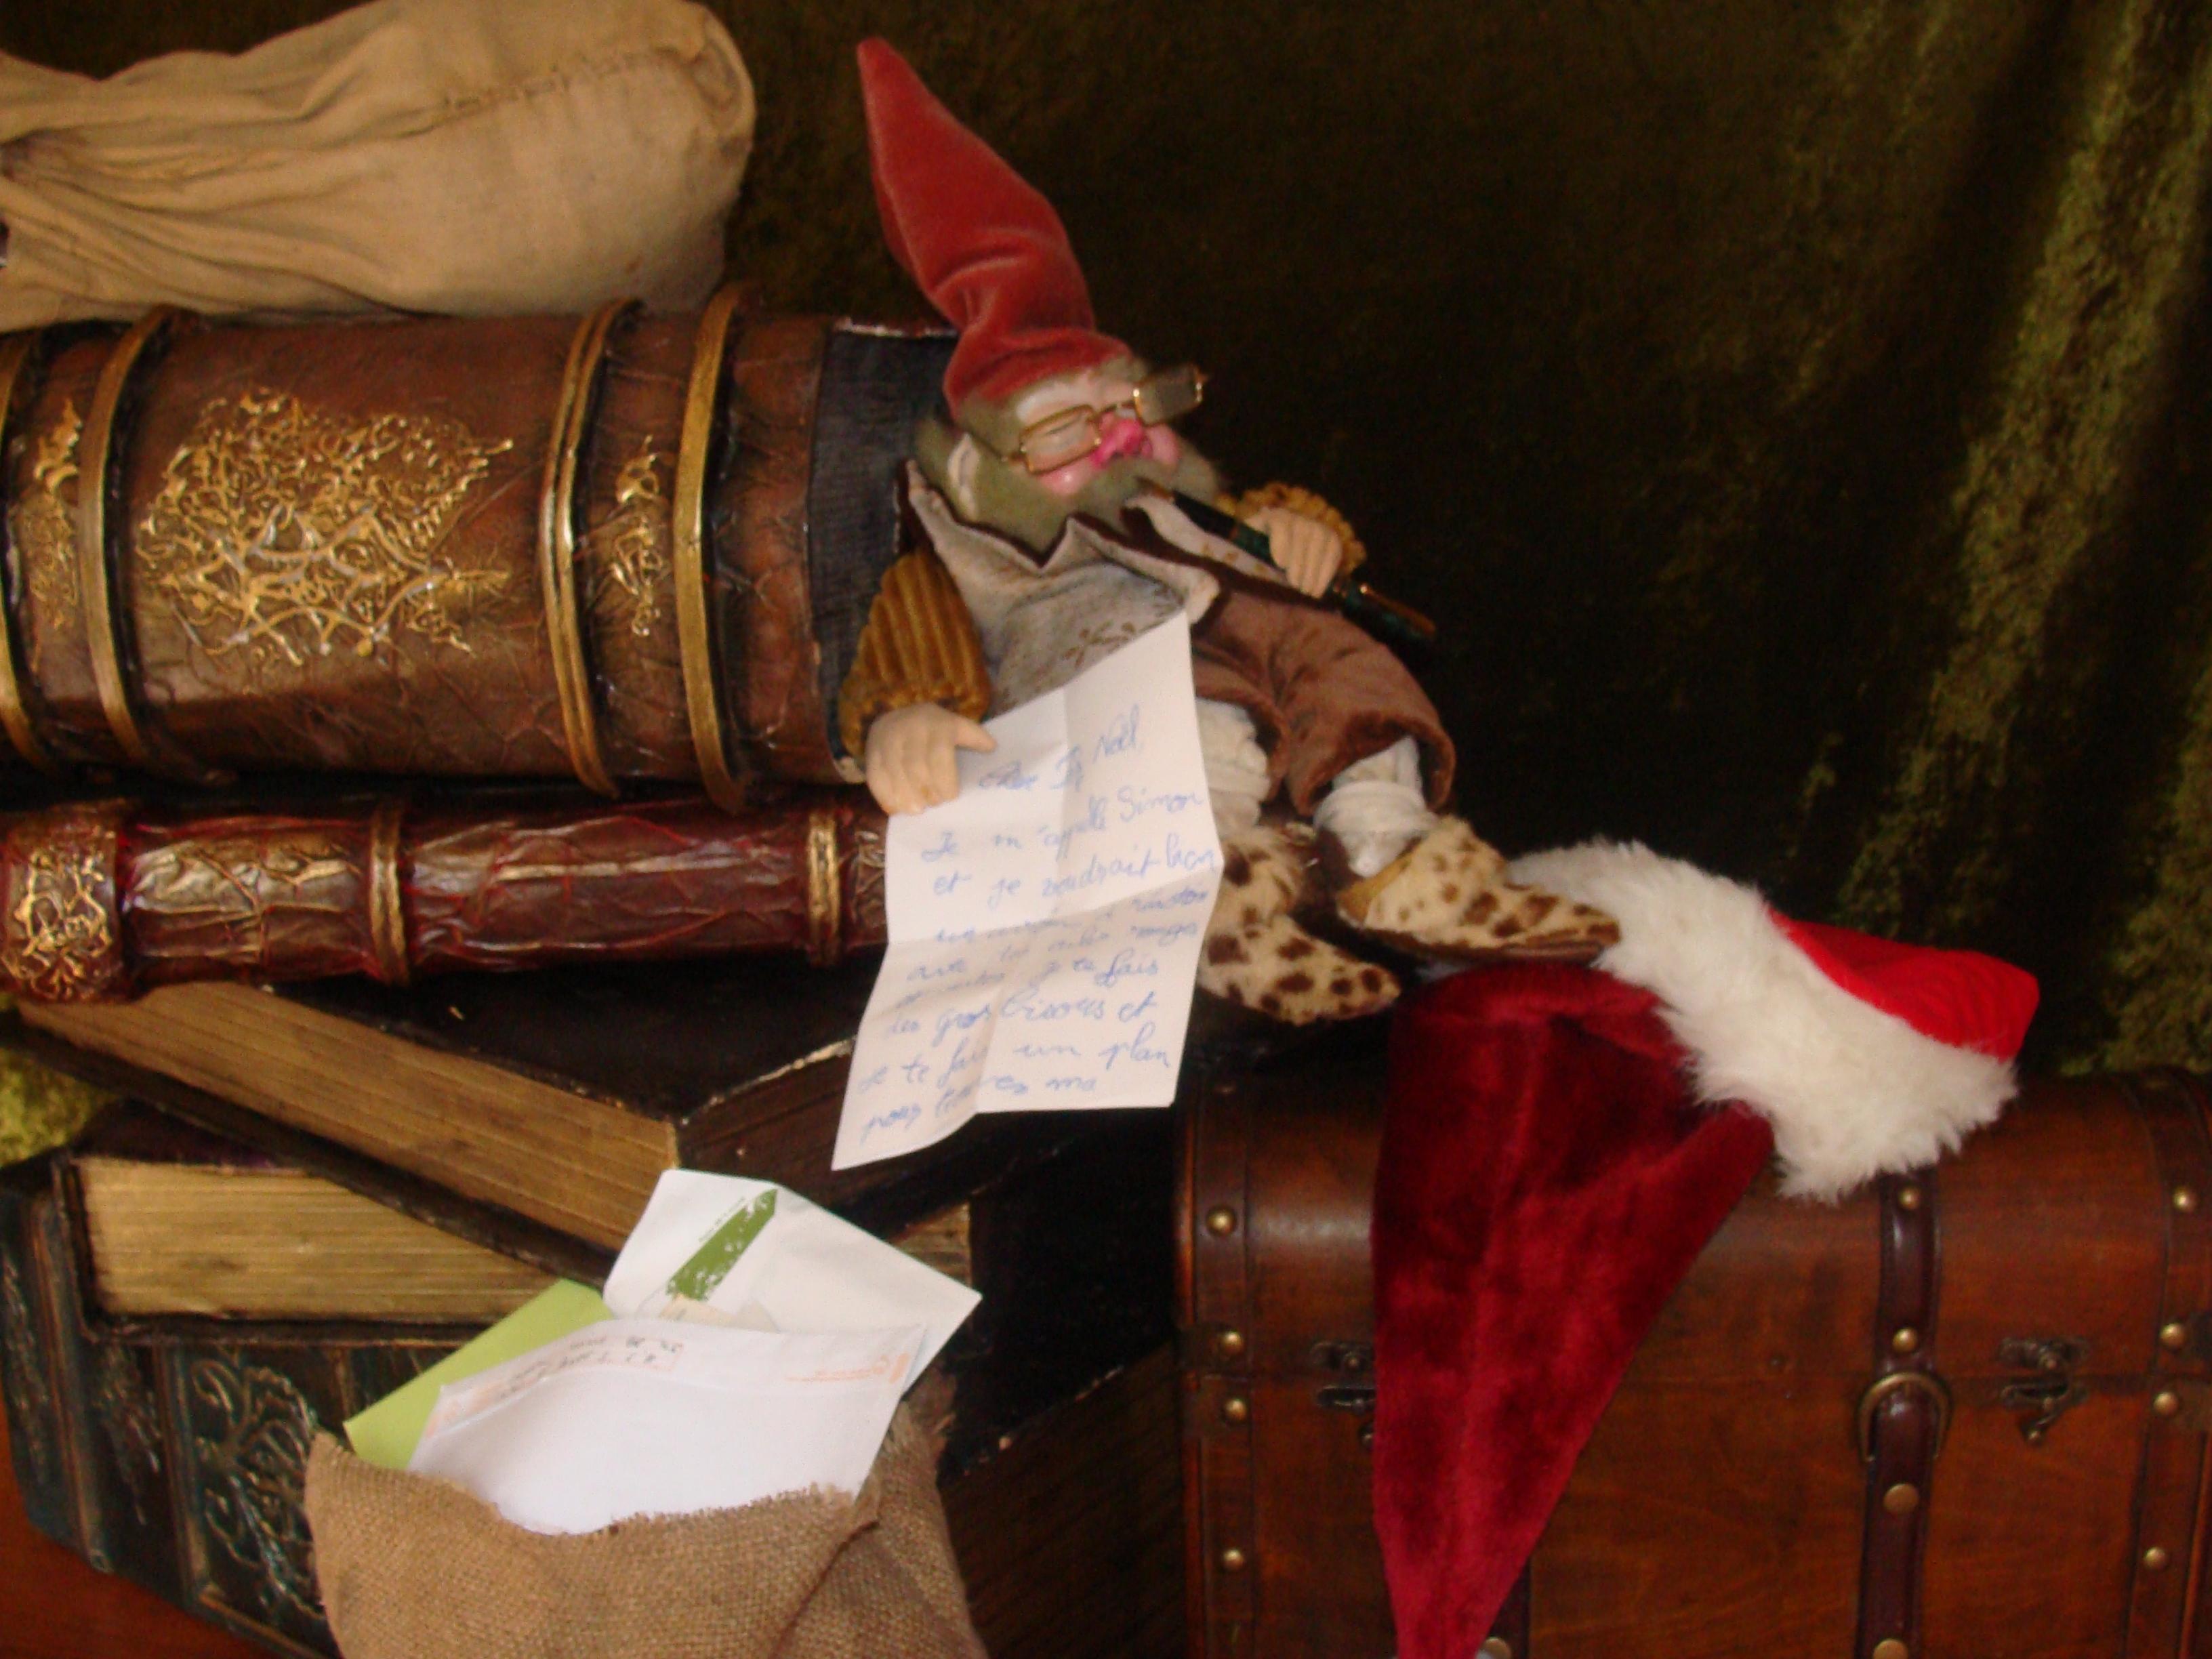 Un gnome passionné de lecture